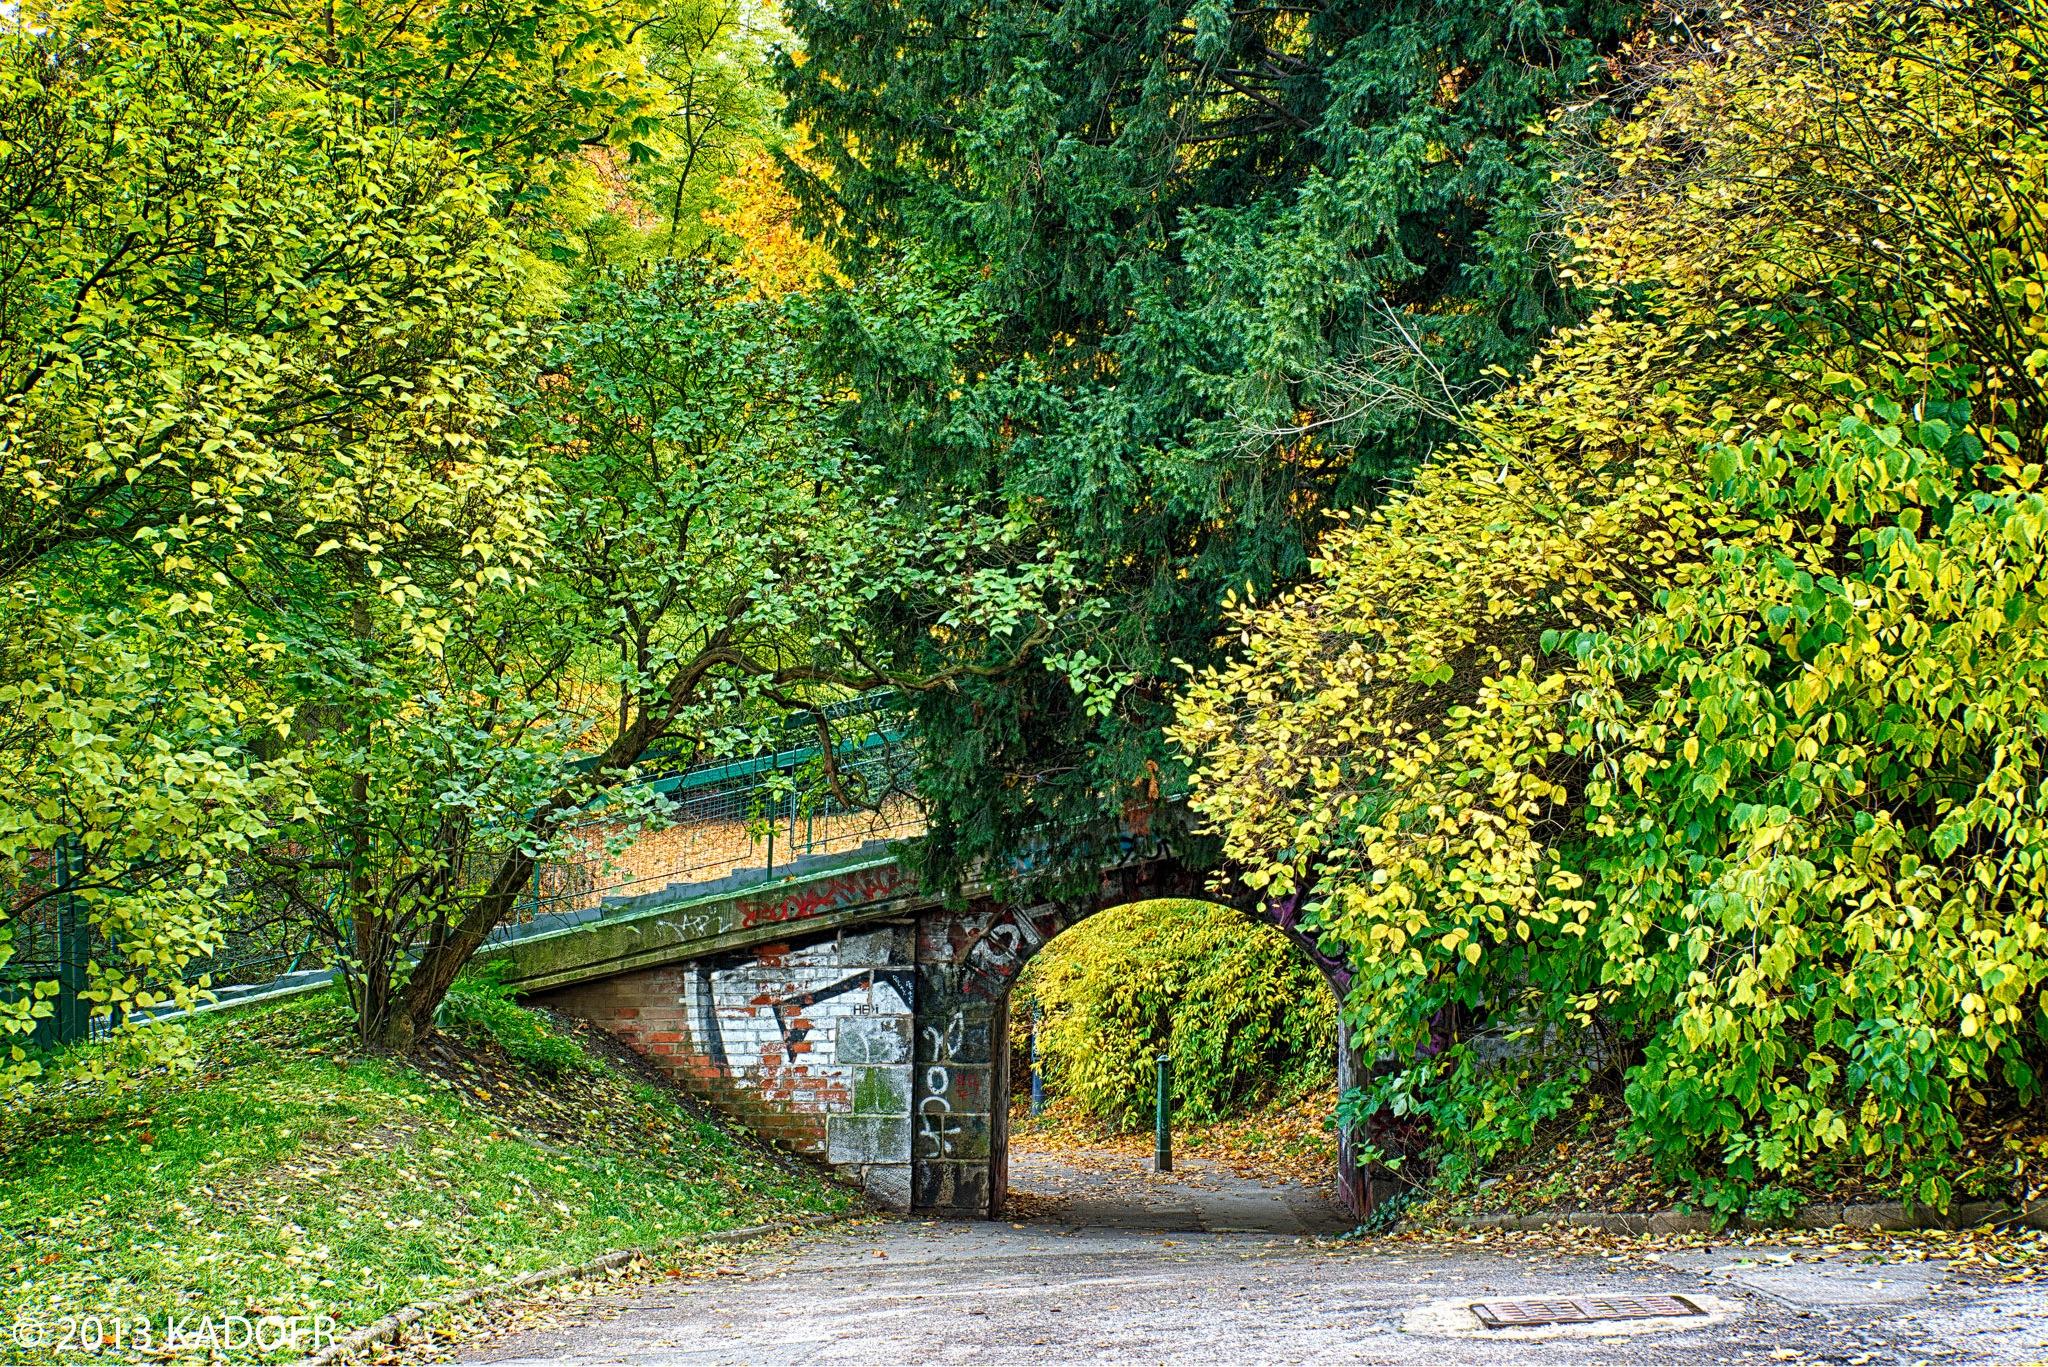 Lanovka dopravuje Pražany a turisty na vrch Petřín už od roku 1891, kdy se v Praze konala Jubilejní výstava a byla postavena Petřínská rozhledna - (Foto: Karel Dobeš)